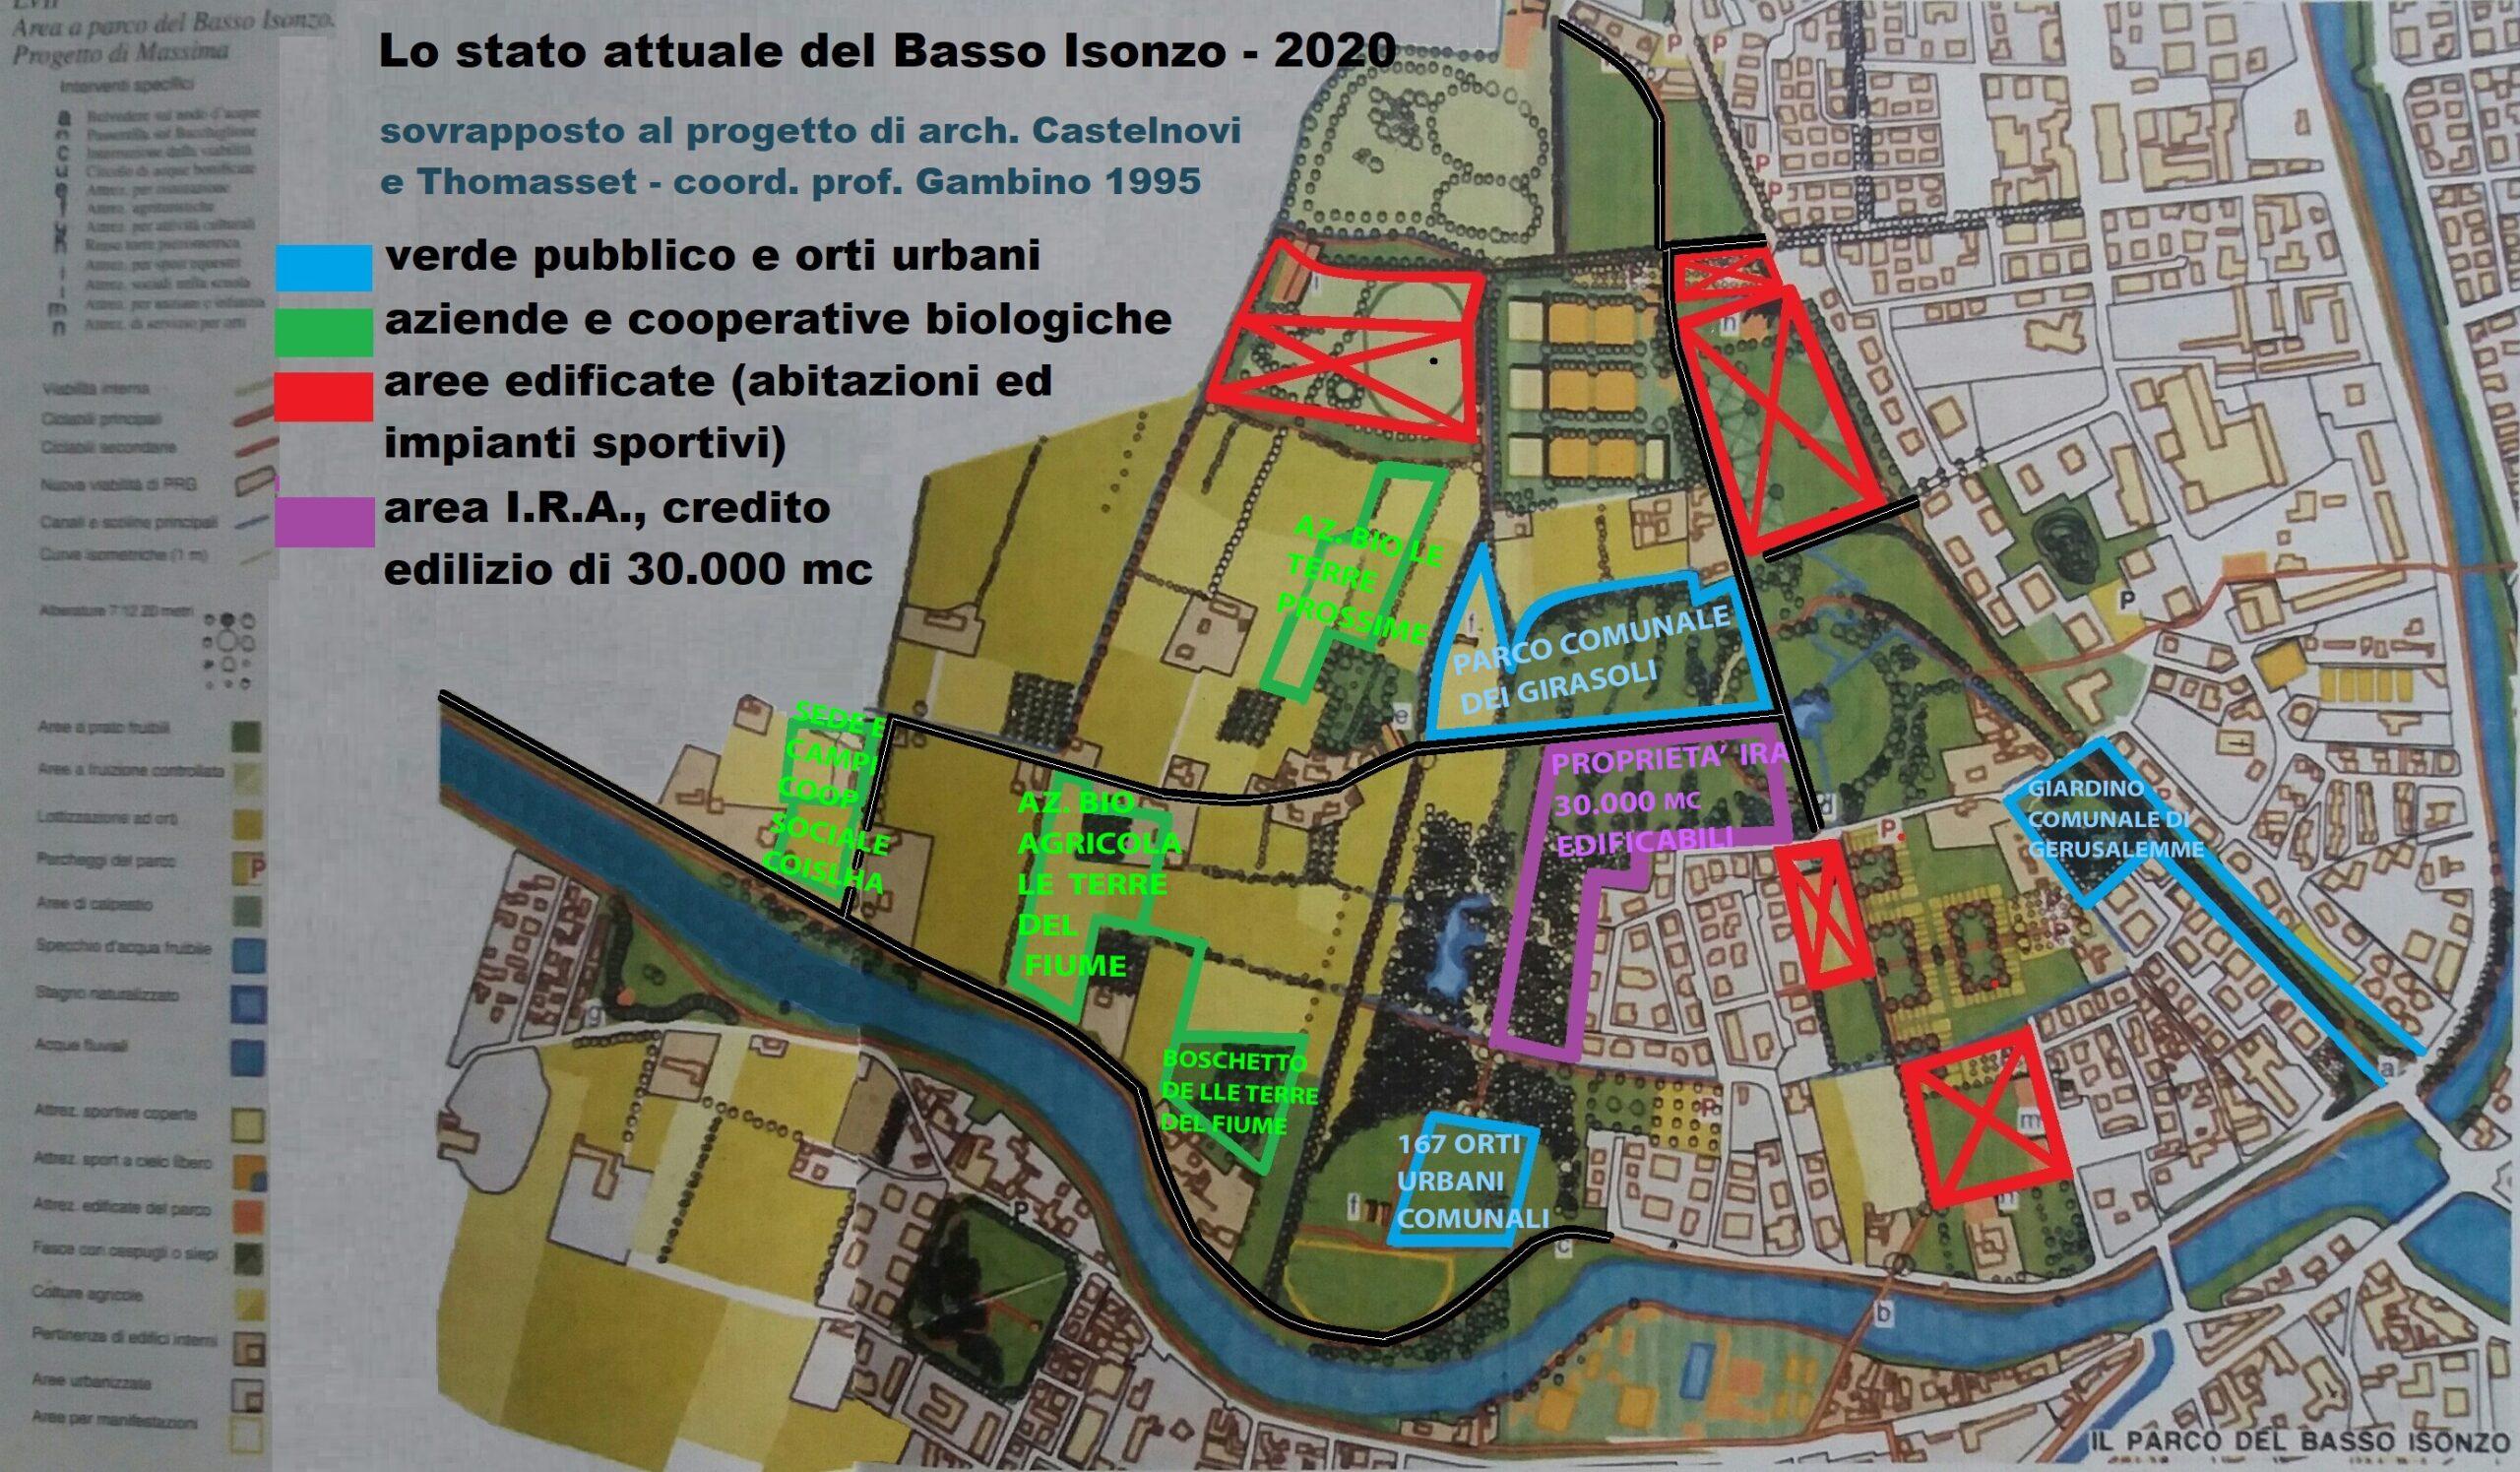 Mappa-cartina-piantina-Basso Isonzo-Parco-agropaesaggistico-Padova-Castelnovi-aree-2020-con strade